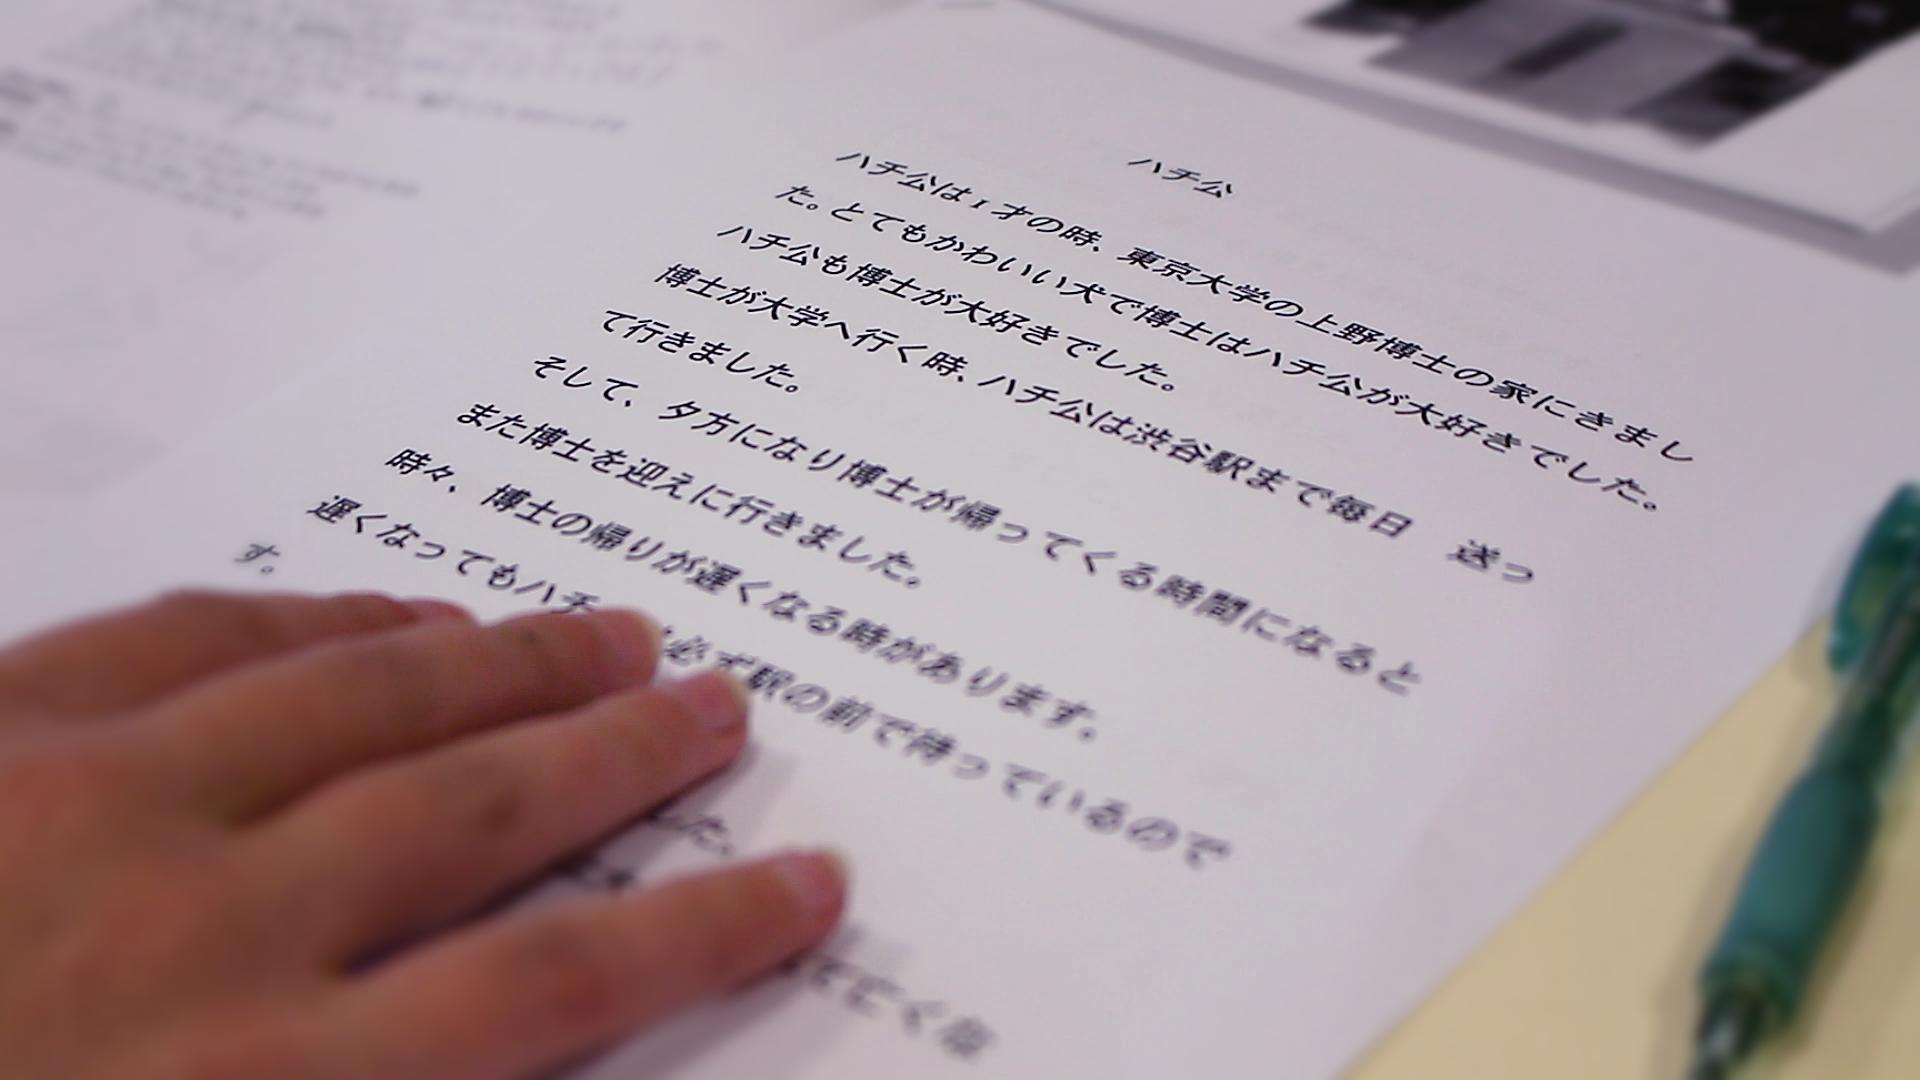 Accueil-lycée-général-la-classe-de-seconde-enseignements-optionnels-généraux-japonais